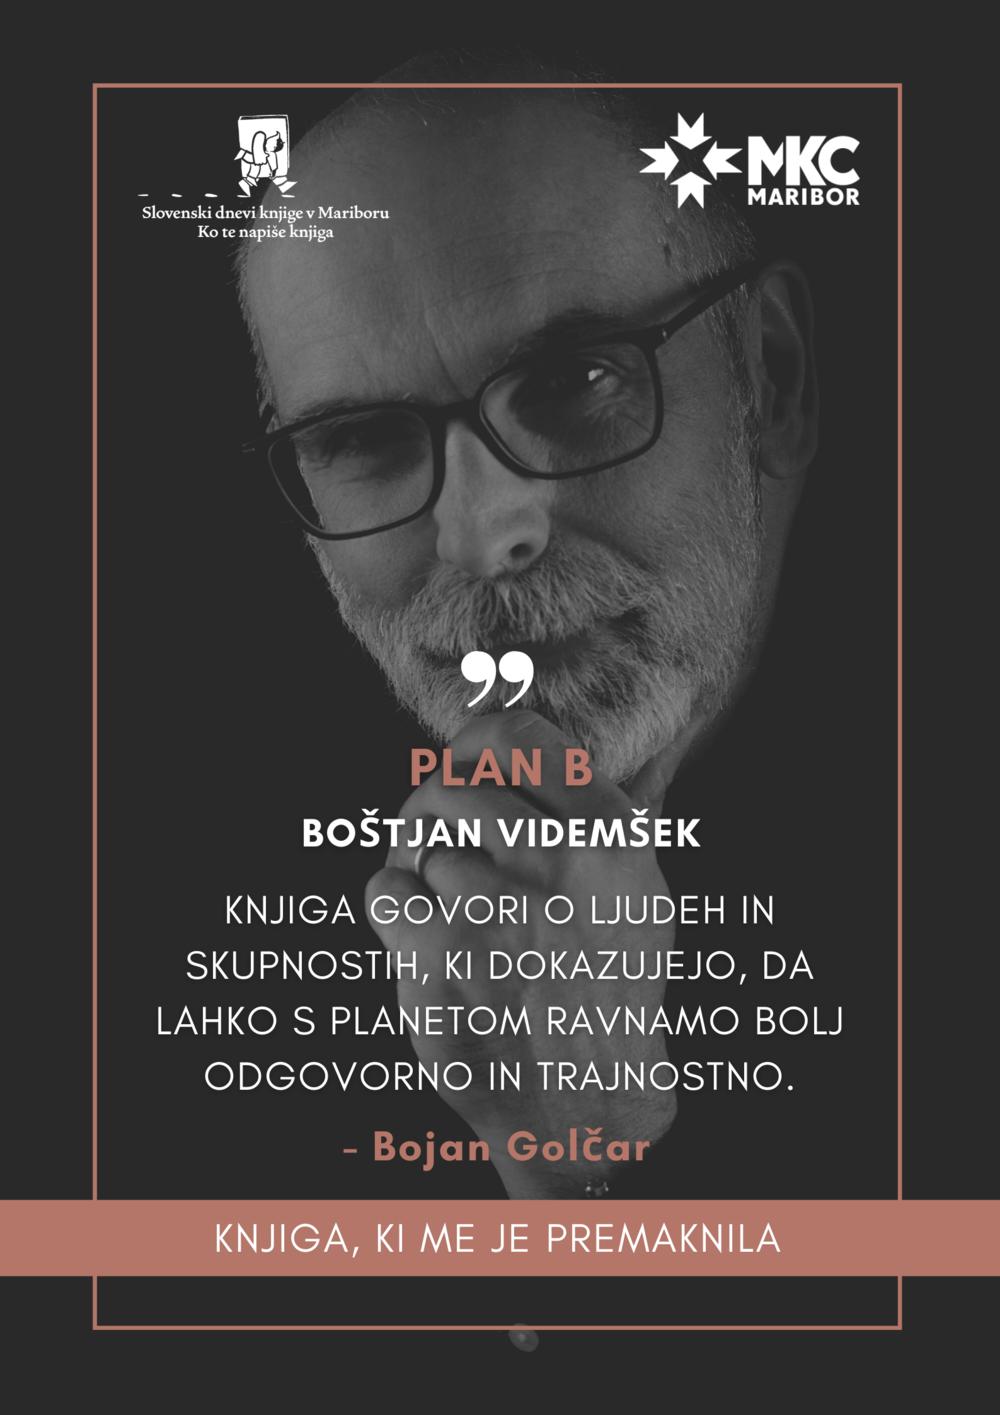 SDKvMB - knjiga - Bojan Golčar_foto_Branimir_Ritonja.png